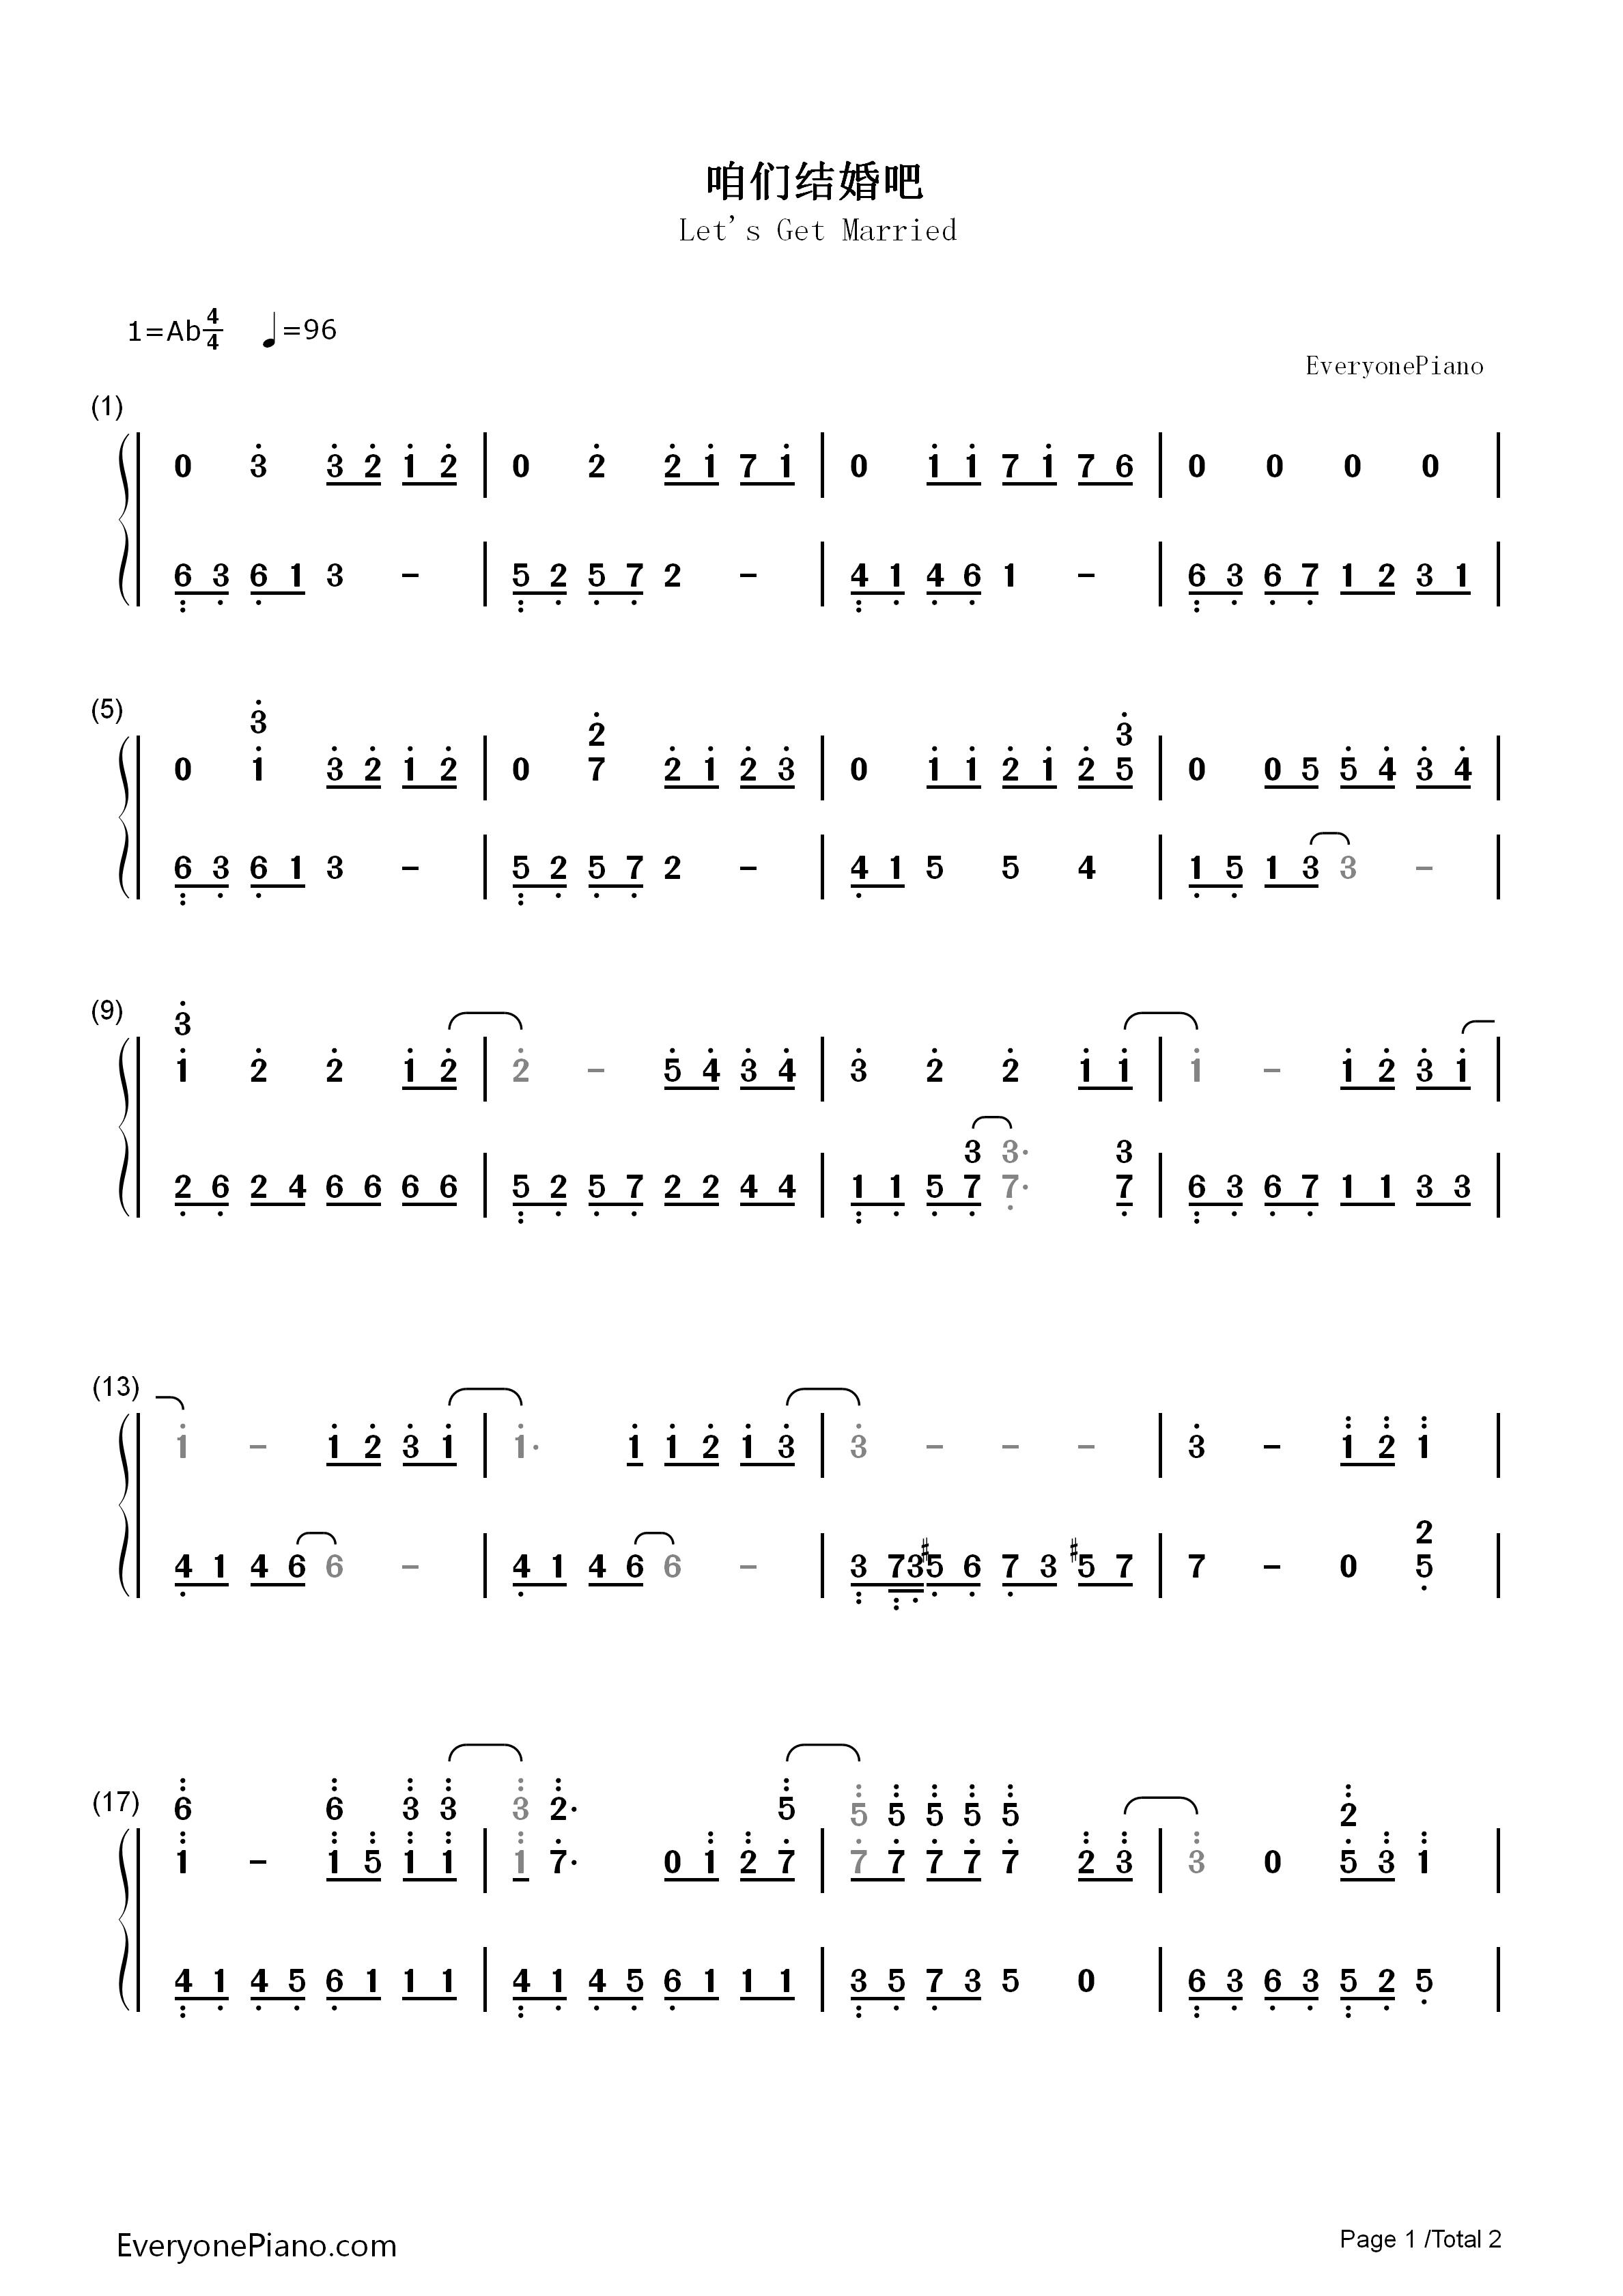 咱们结婚吧简谱_咱们结婚吧-齐晨双手简谱预览1-钢琴谱文件(五线谱、双手简谱 ...